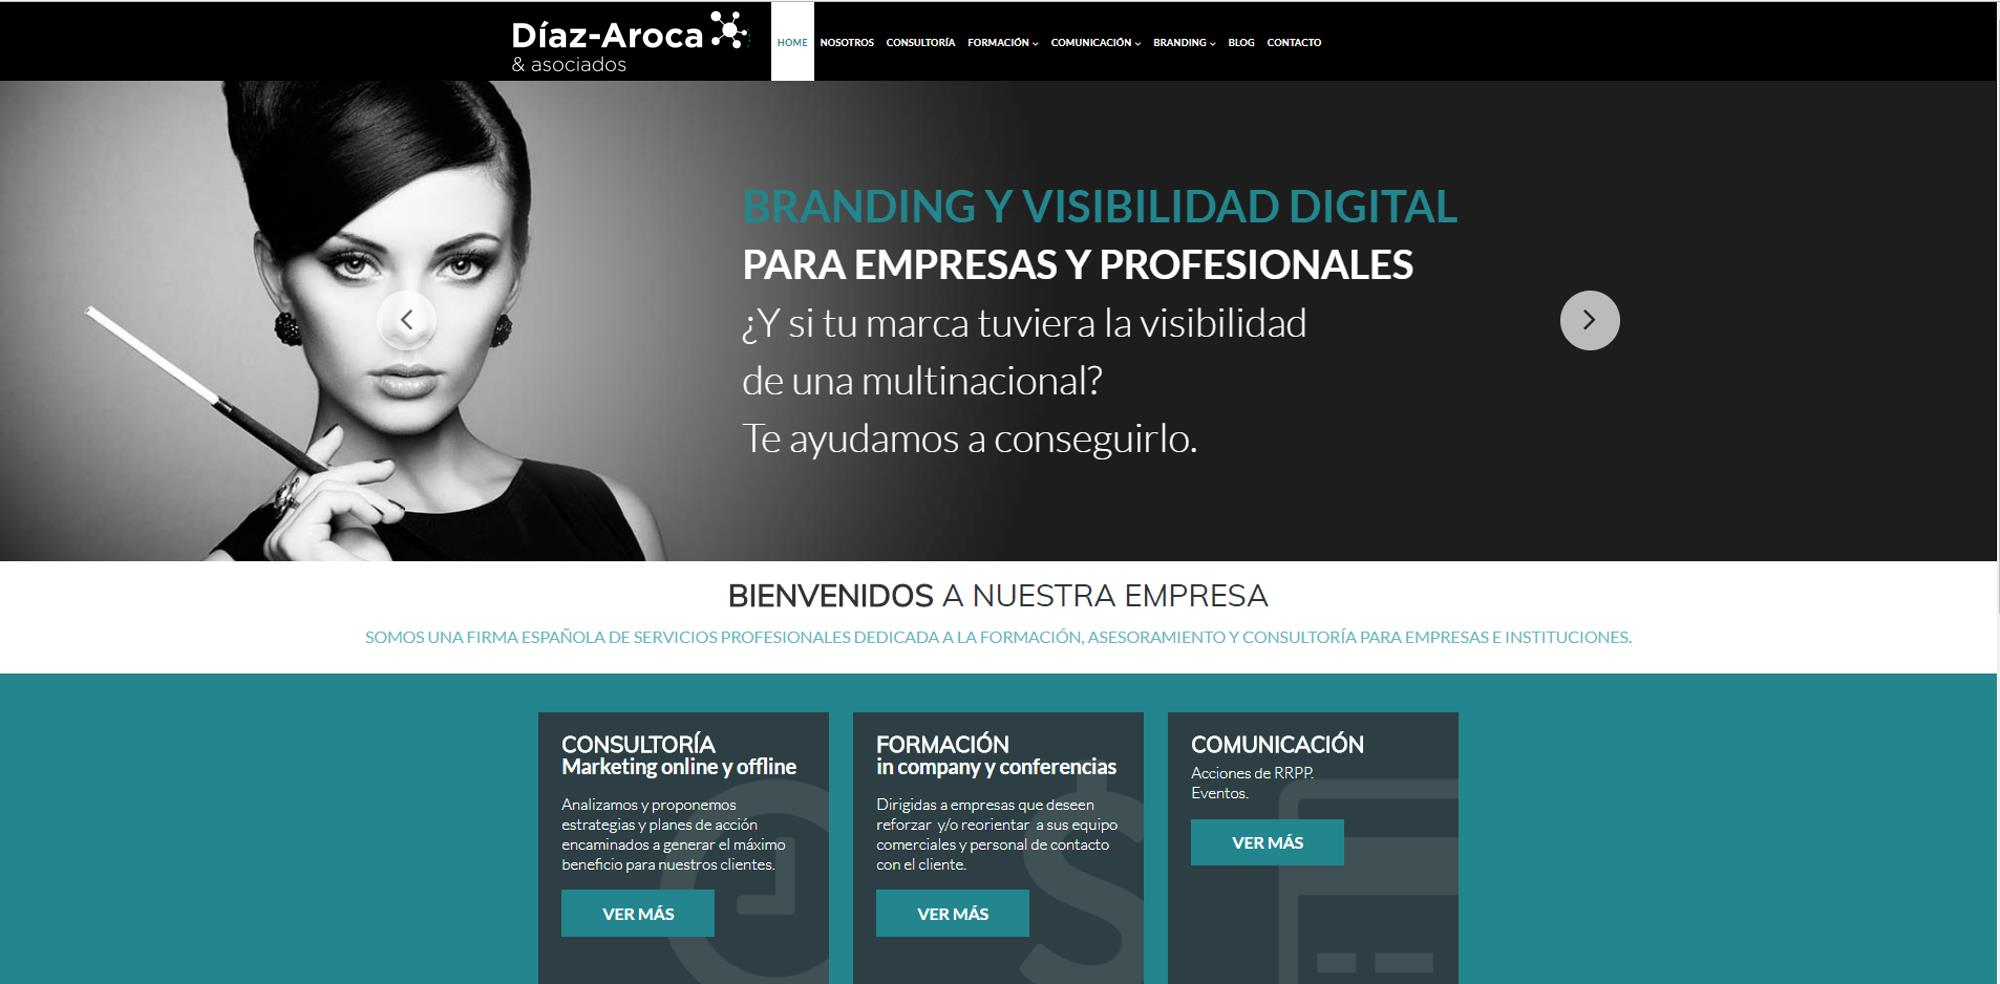 diaz-aroca-y-asociados-expertos-comercial-marketing